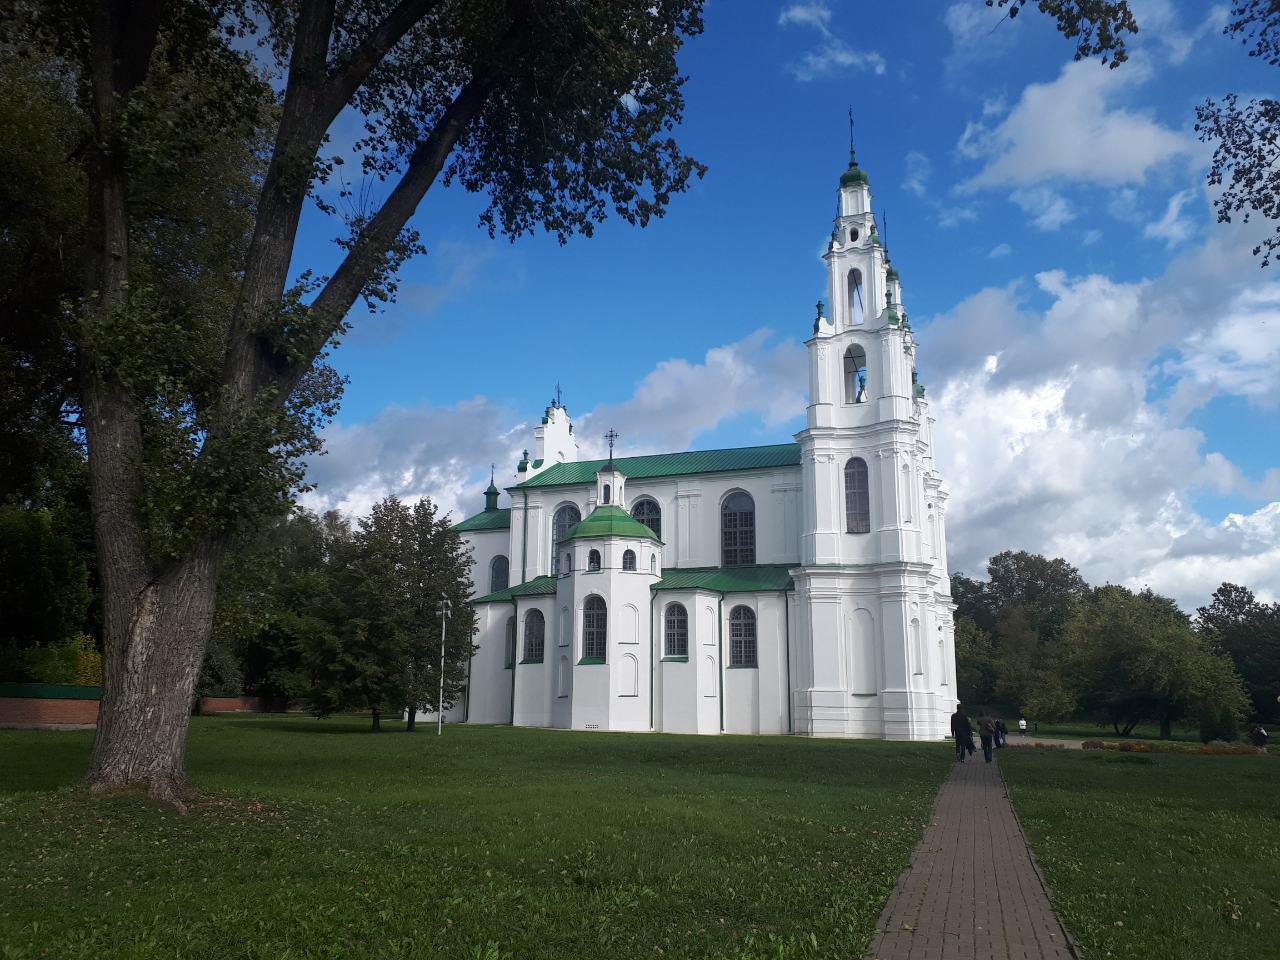 image 0 02 04 5dd6a2e1081b9a8b9f8ec09bf5306640c9b46536a35418dbe580243c2f05fe62 V - Софийский собор в Полоцке